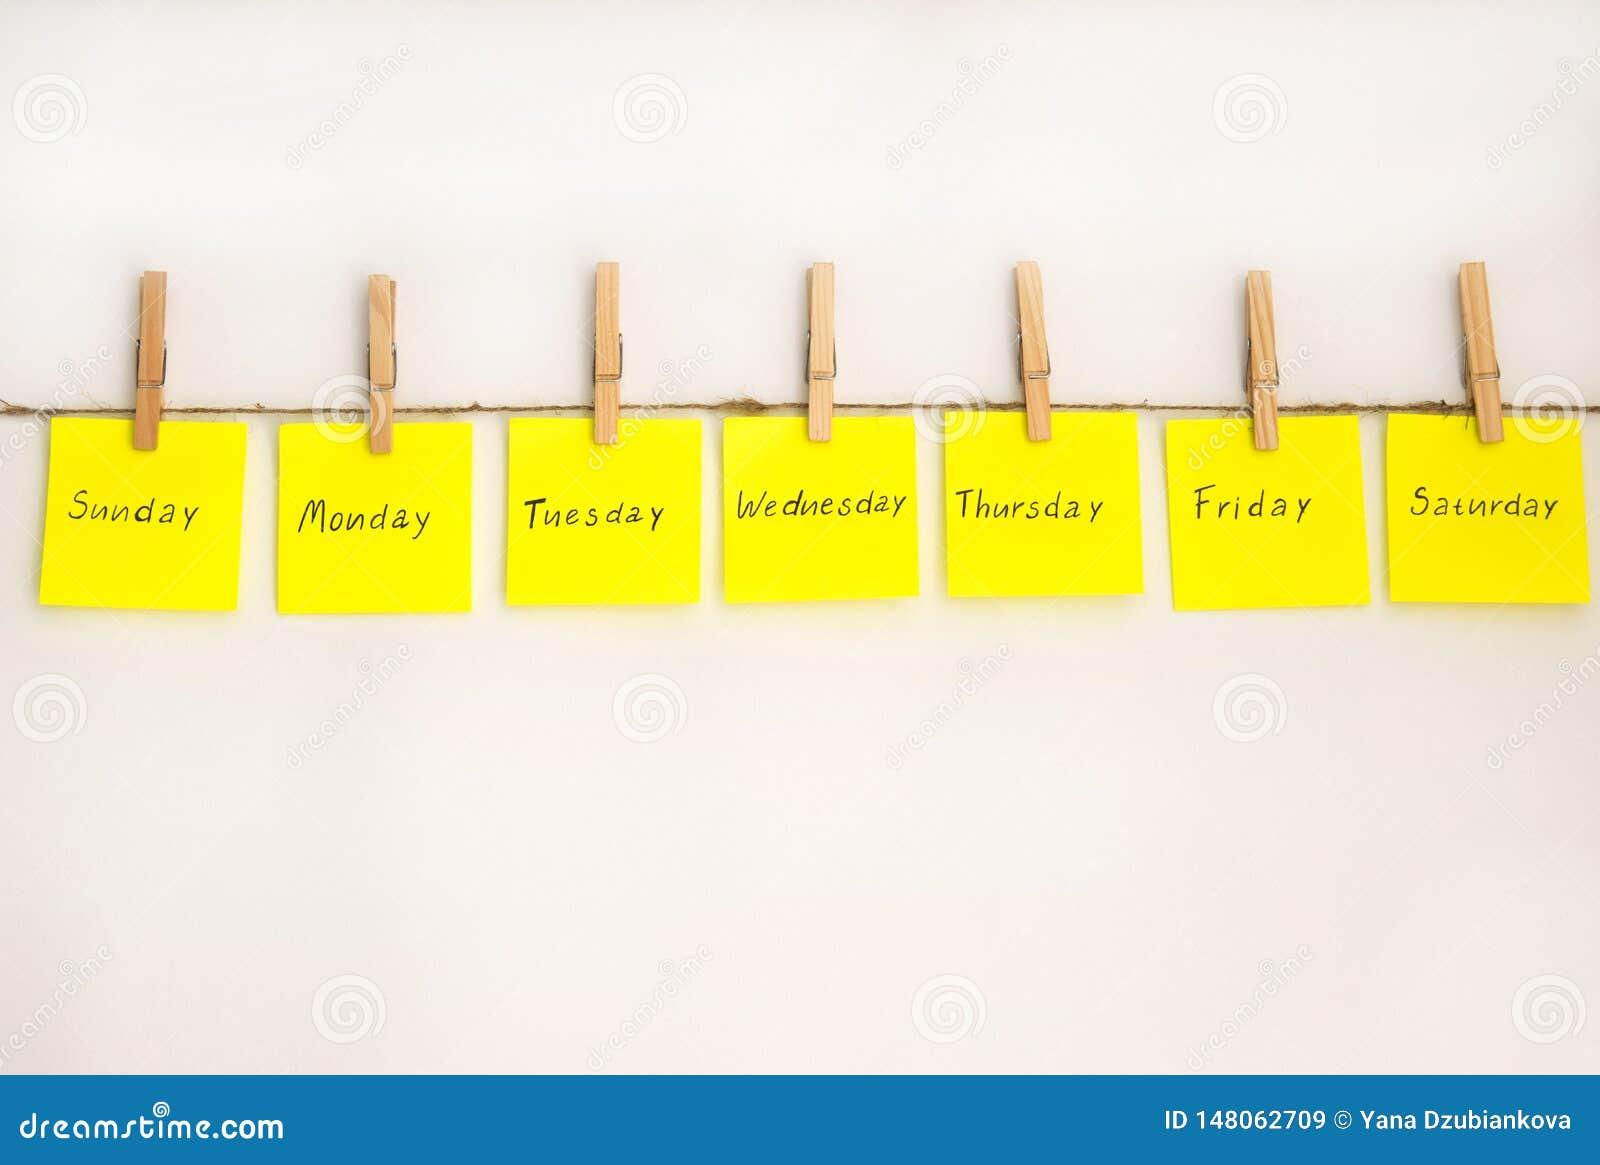 Etiquetas engomadas de las notas para recordar los d?as la semana Notas divertidas con las emociones pintadas, reflejando los d?a